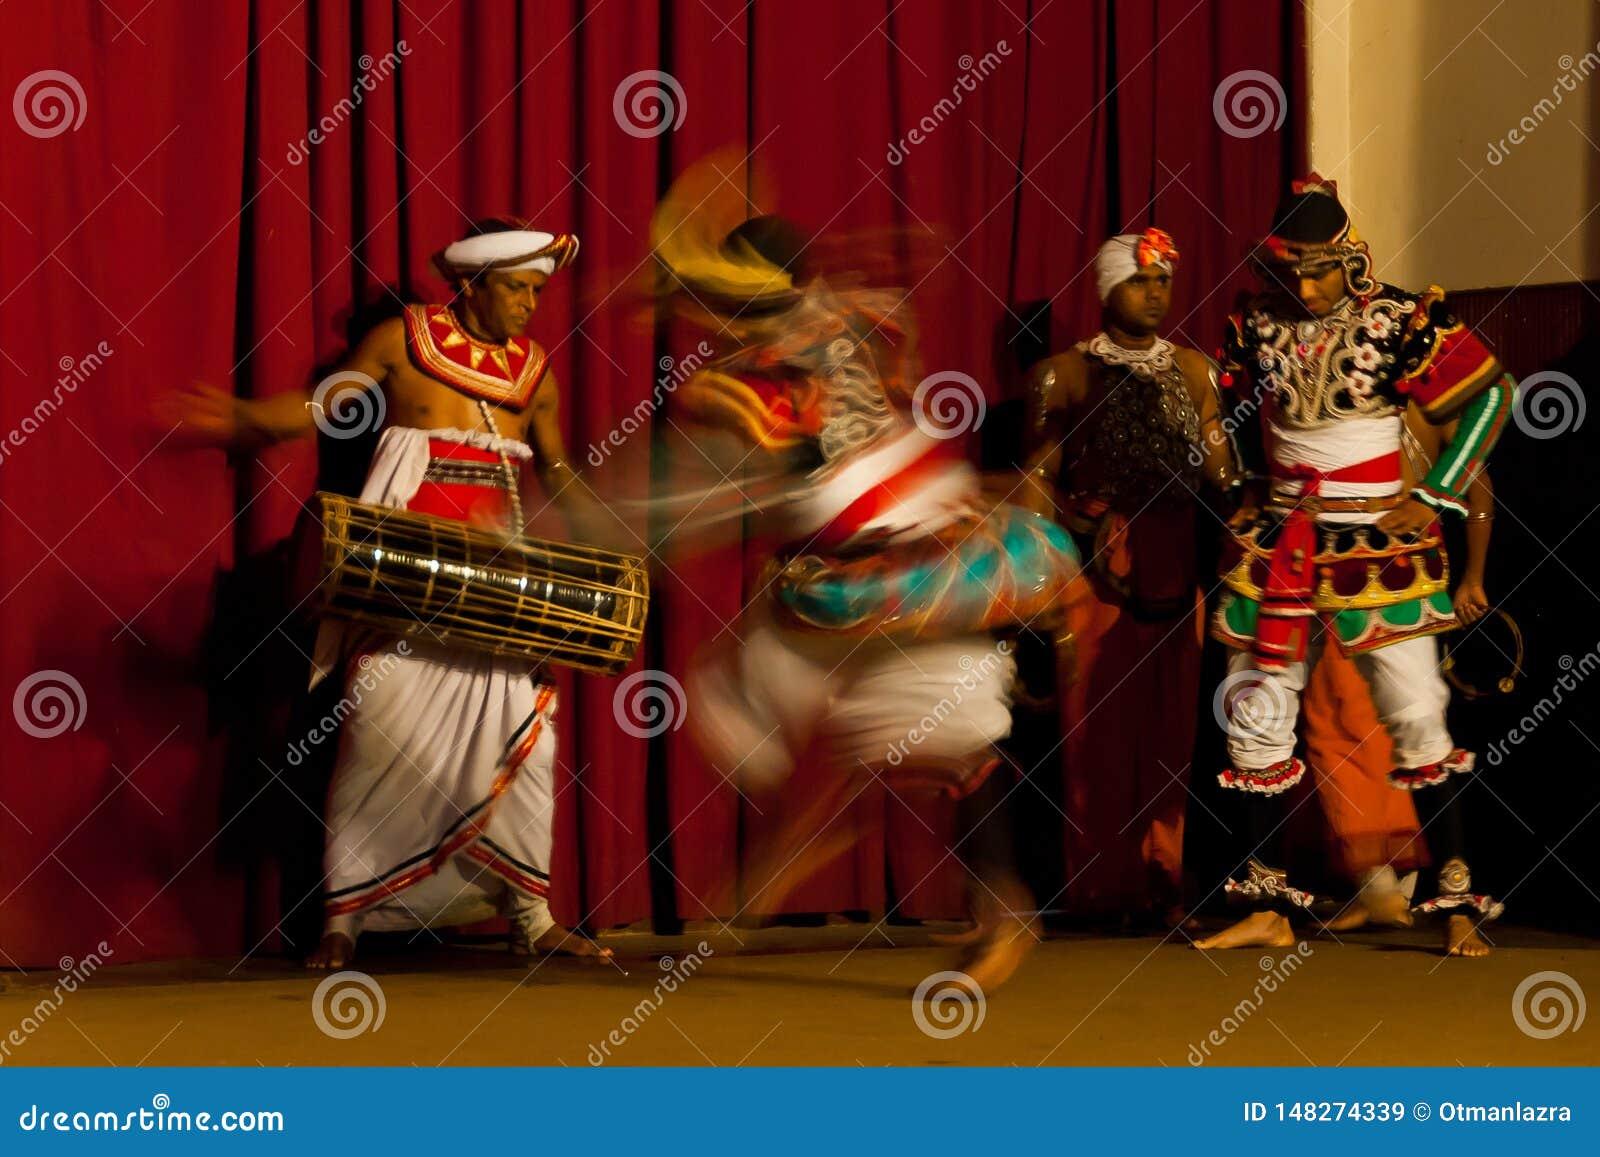 Mostra da dança tradicional no Y M B A Salão em Kandy, Sri Lanka